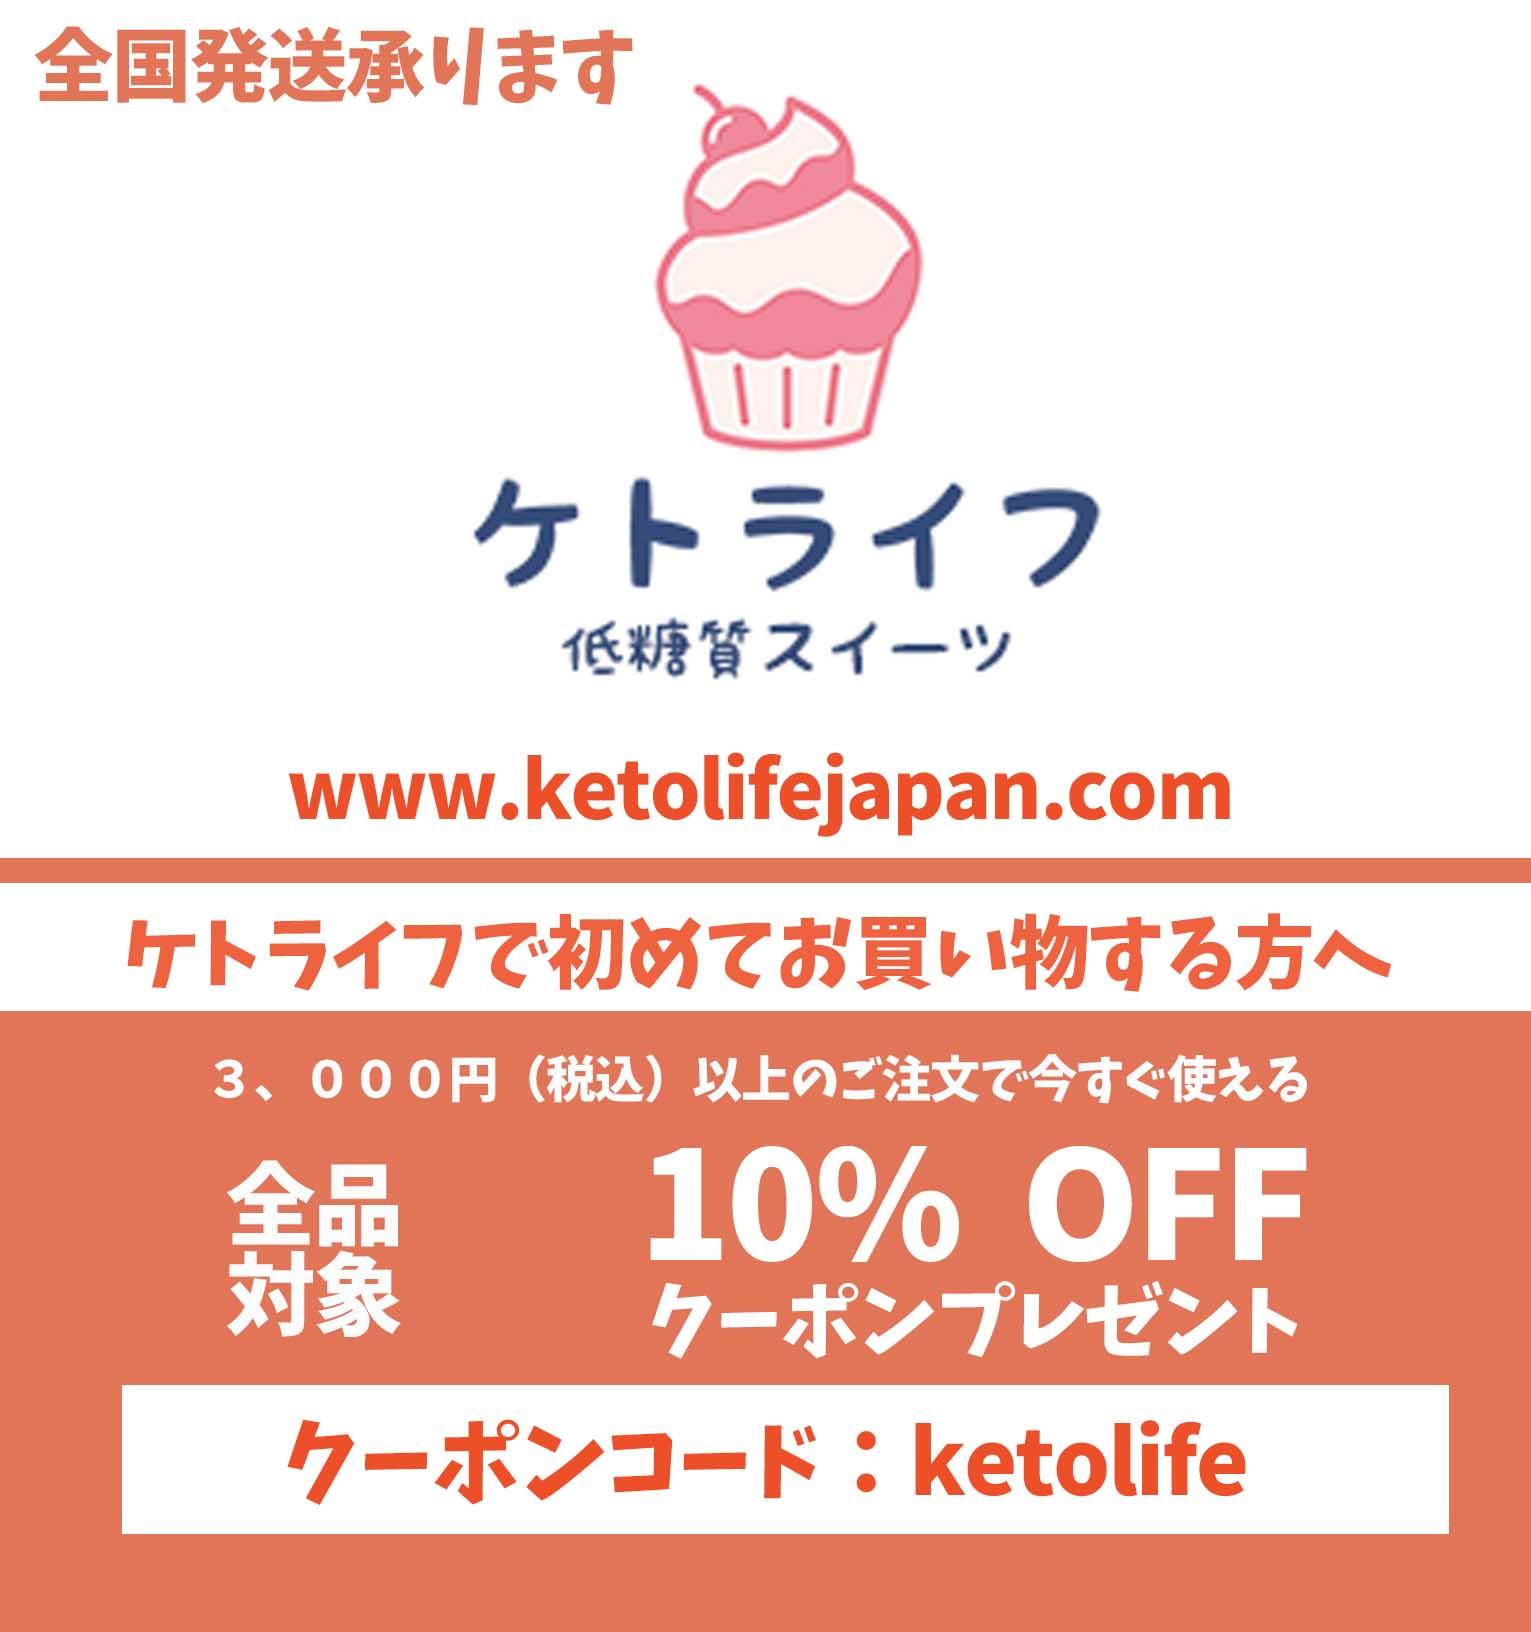 keto sweets bakery